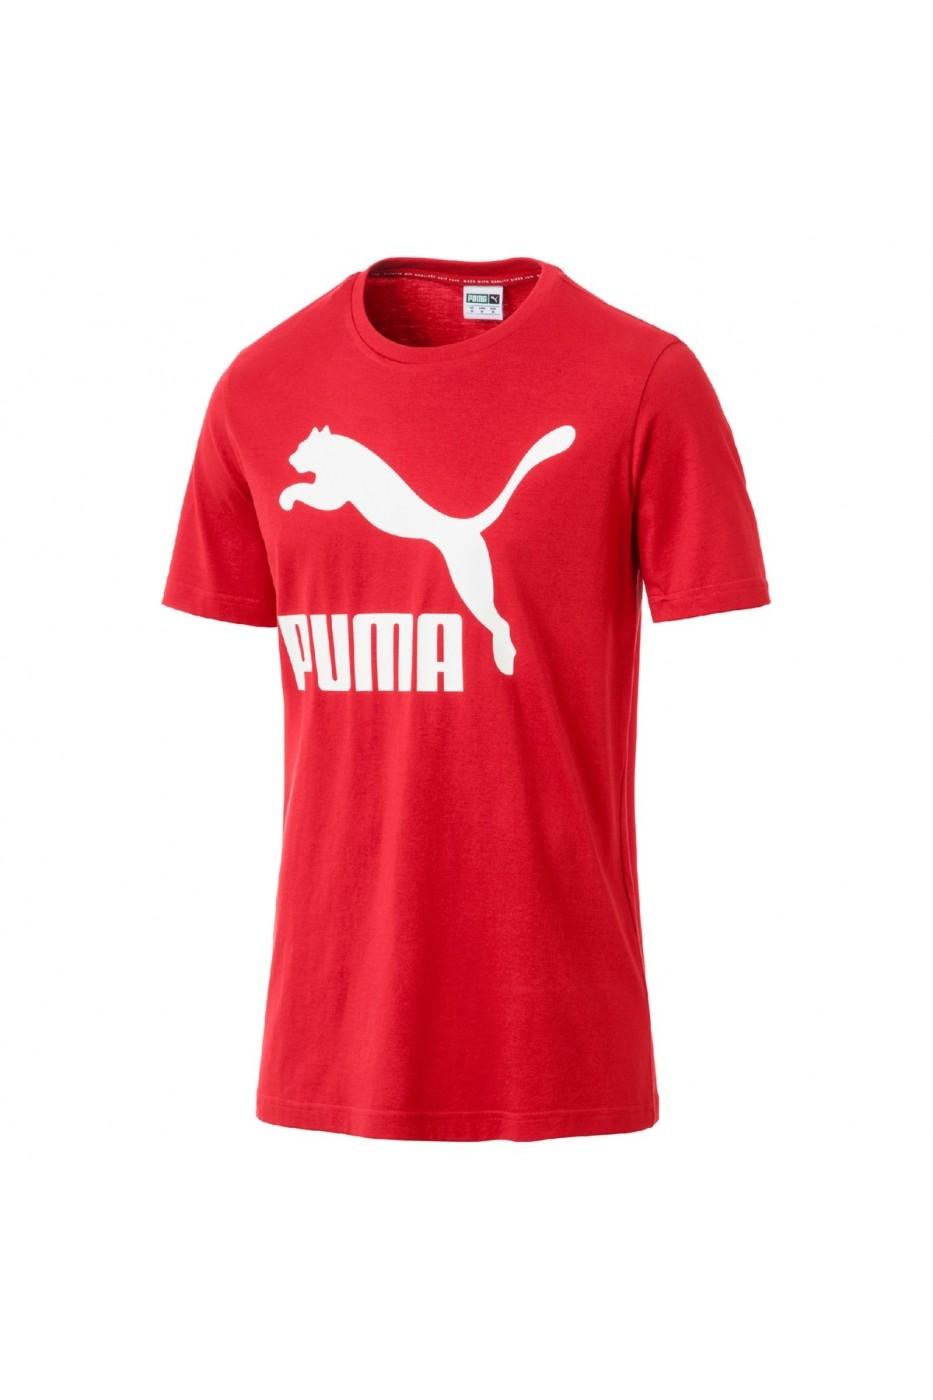 9048657e61 Puma Póló LRD-GFB523-red Piros - FashionUP!